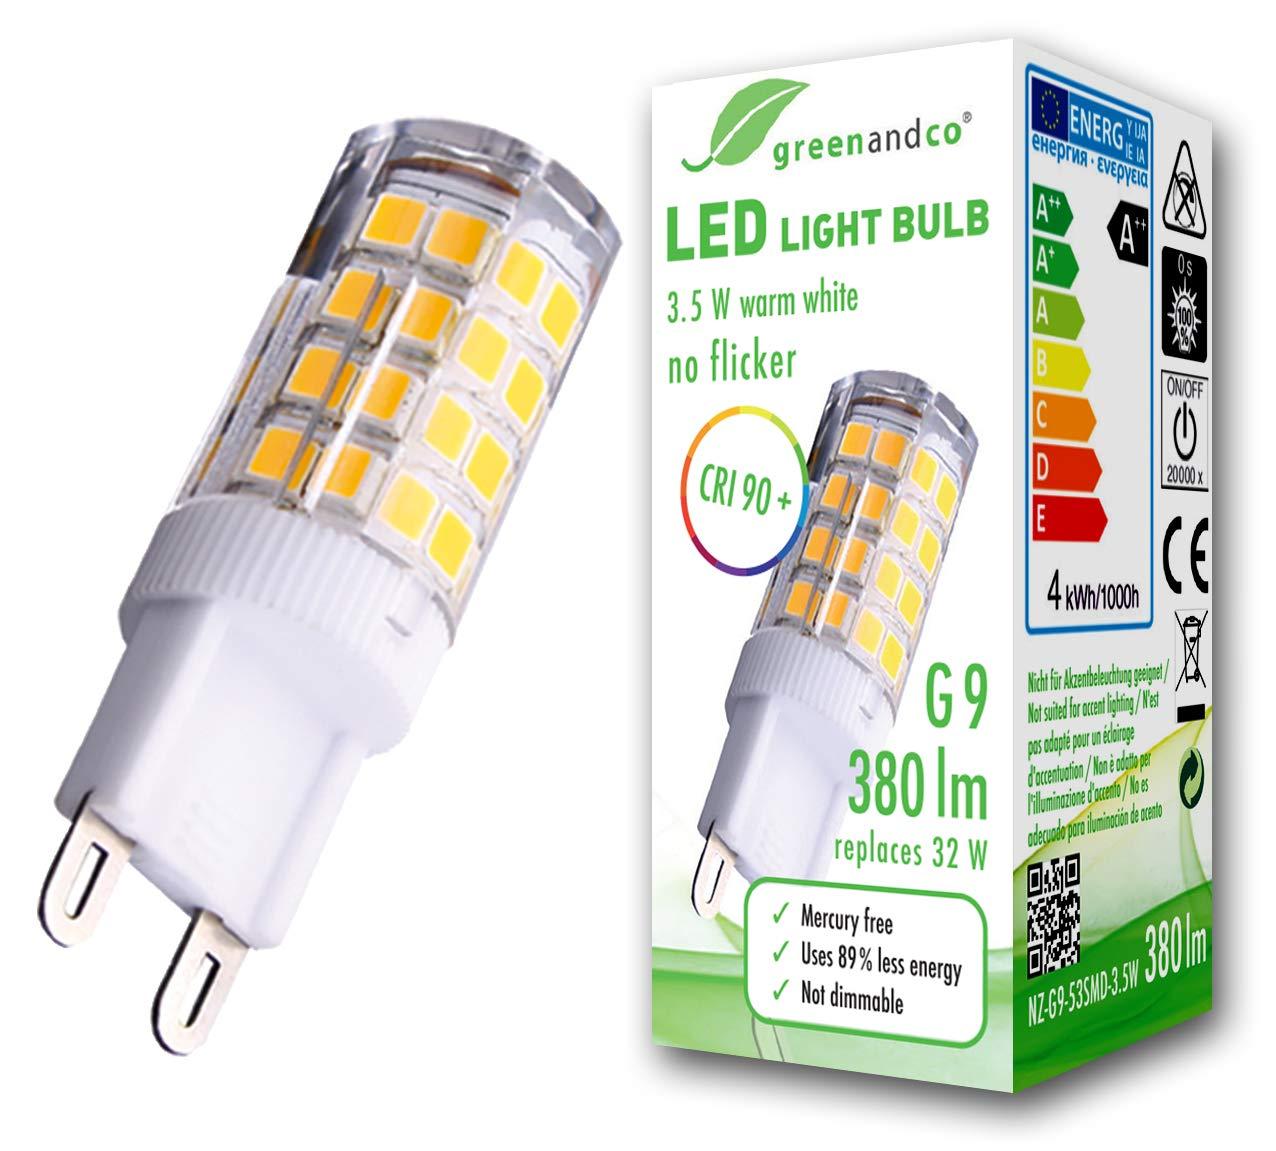 warmweiß nicht dimmbar Reflektor grau E14 SMD-LED-Leuchtmittel 5W 400 Lumen